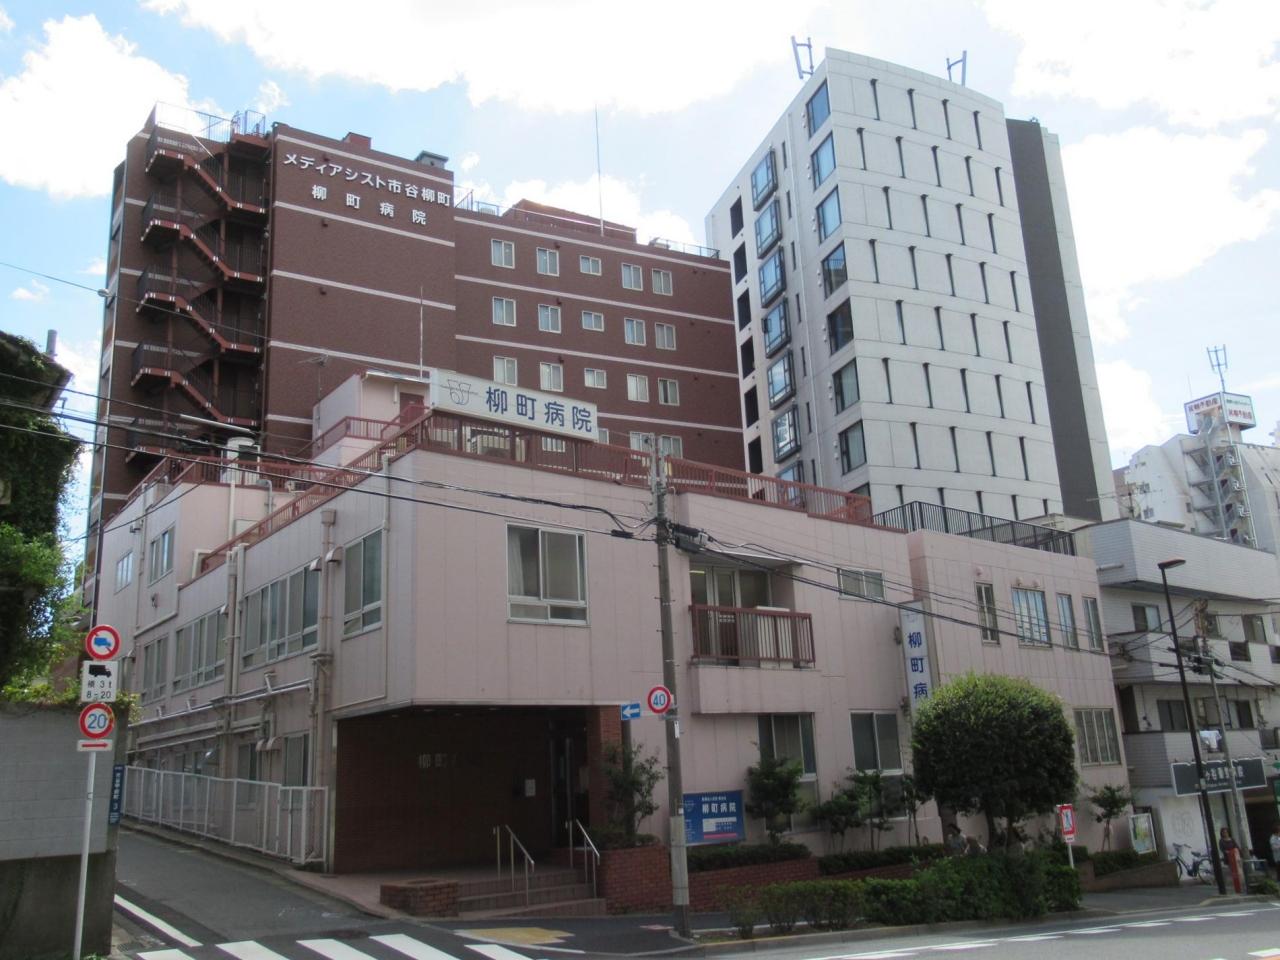 鉄友会 柳町病院 クチコミガイド【フォートラベル】 市ヶ谷